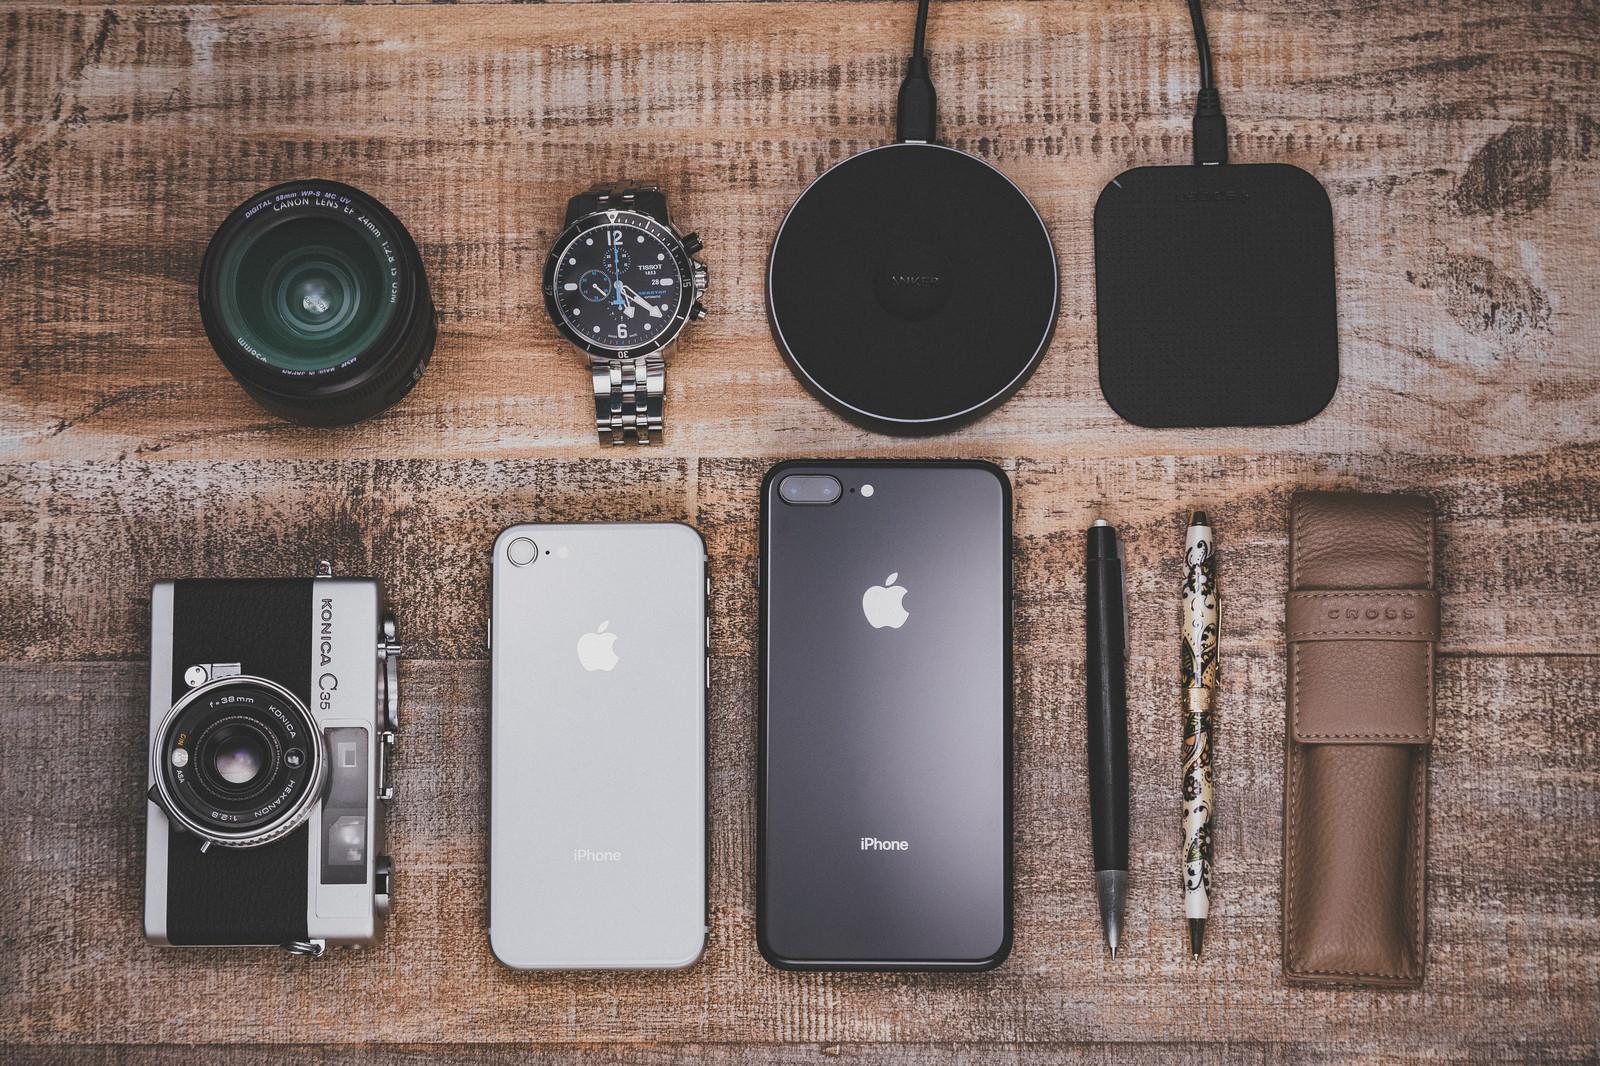 「iPhoneやワイヤレス充電iPhoneやワイヤレス充電」のフリー写真素材を拡大